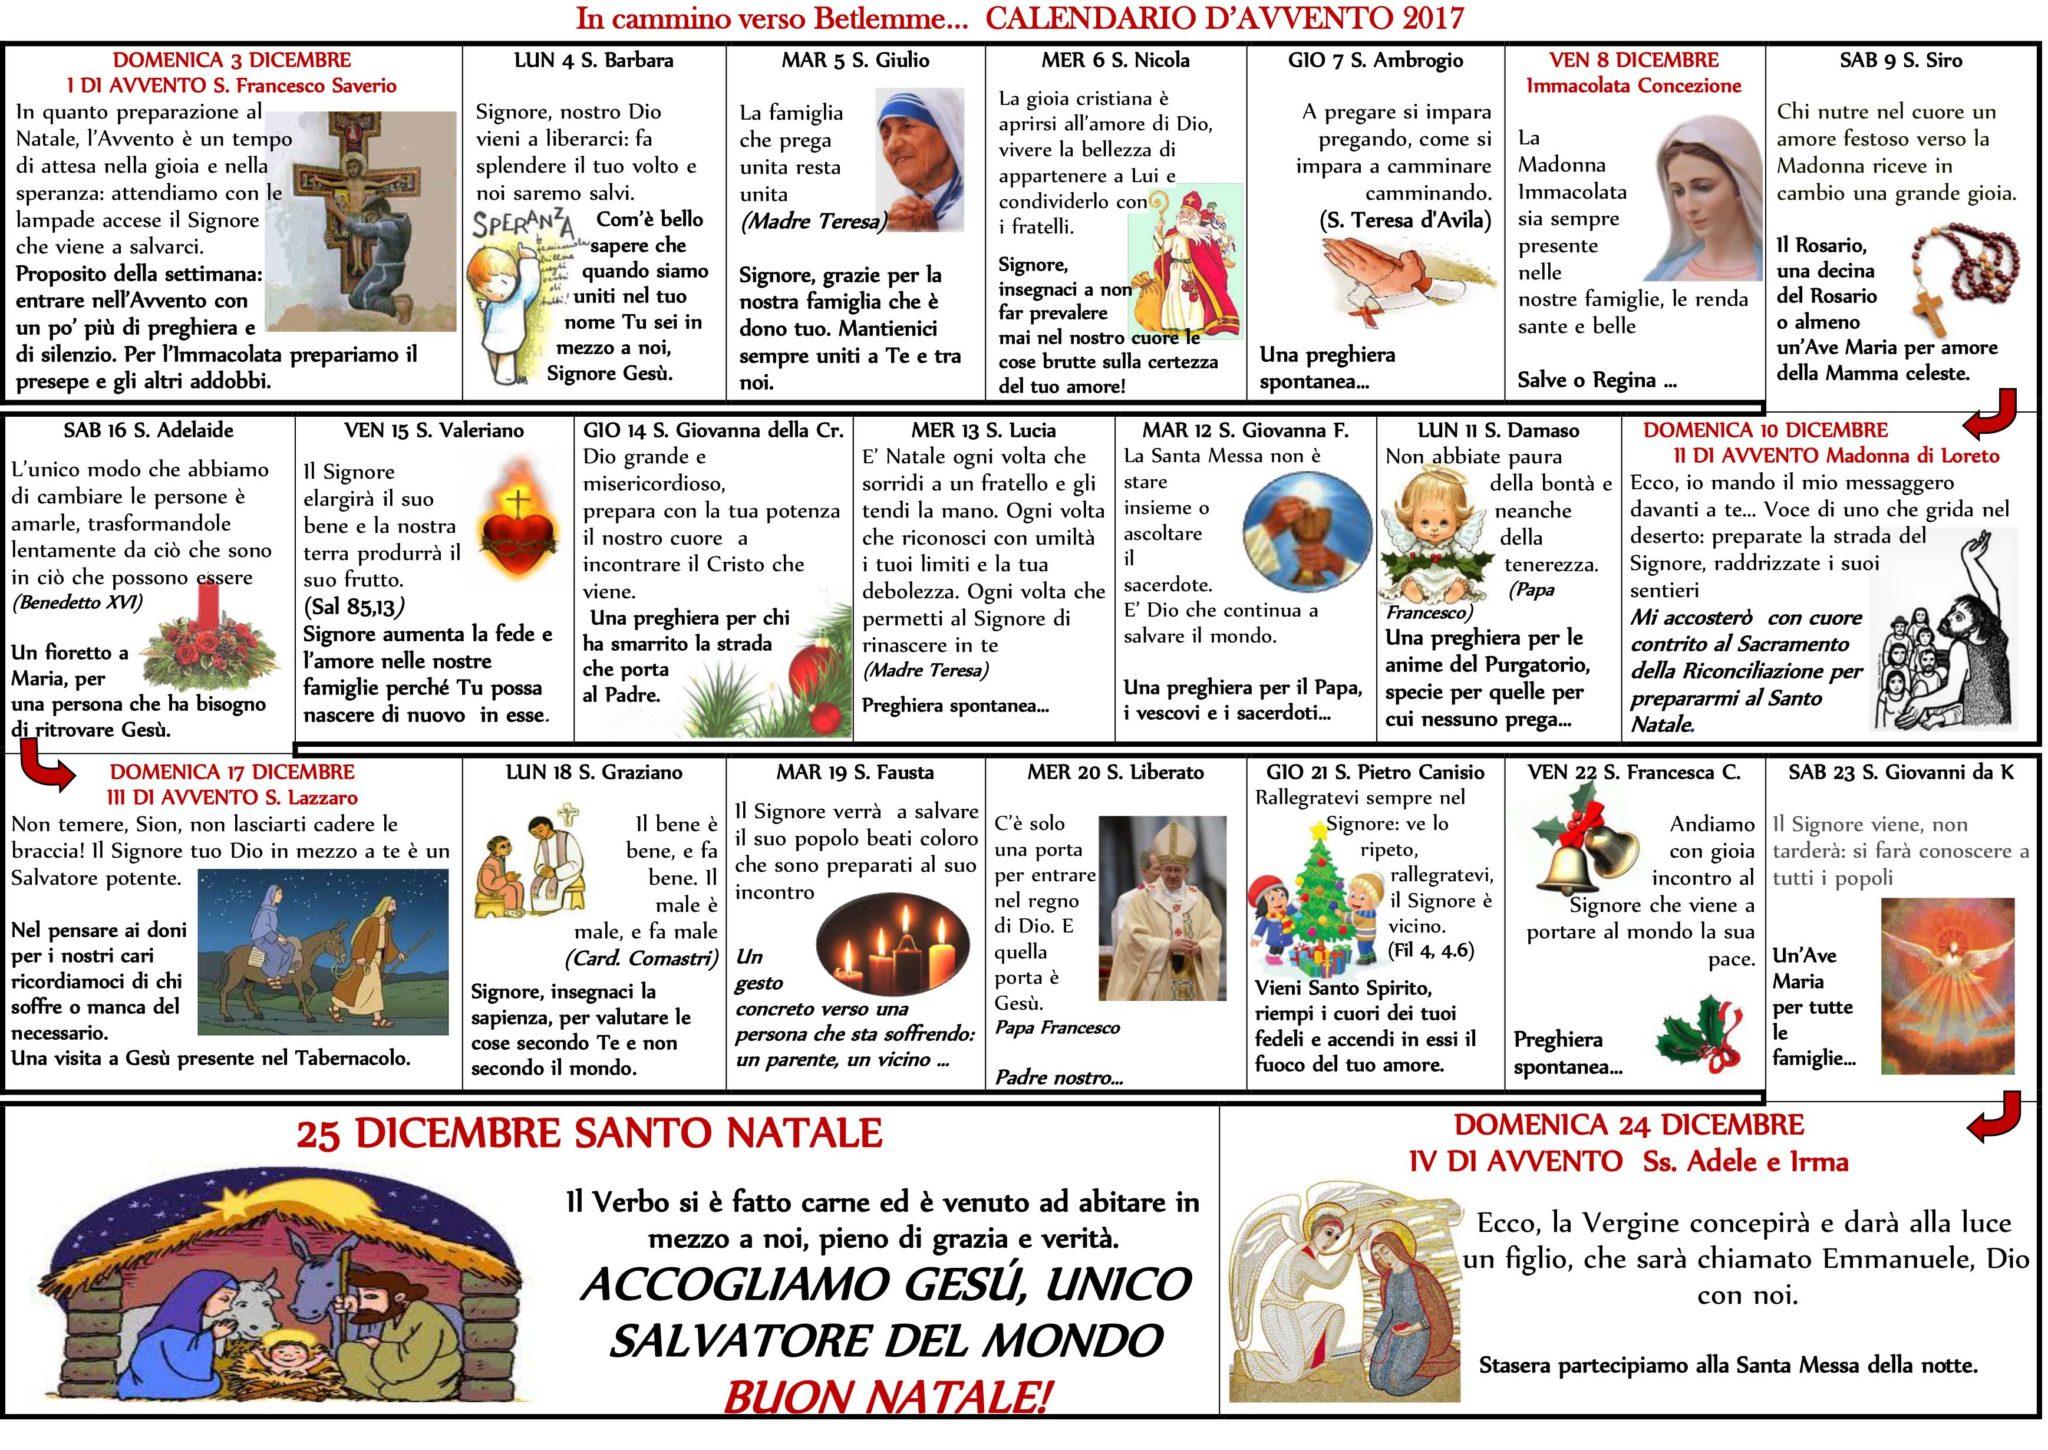 Calendario Di Avvento Per Bambini.Calendario Avvento 2017 Ecco I Tuoi Bambini